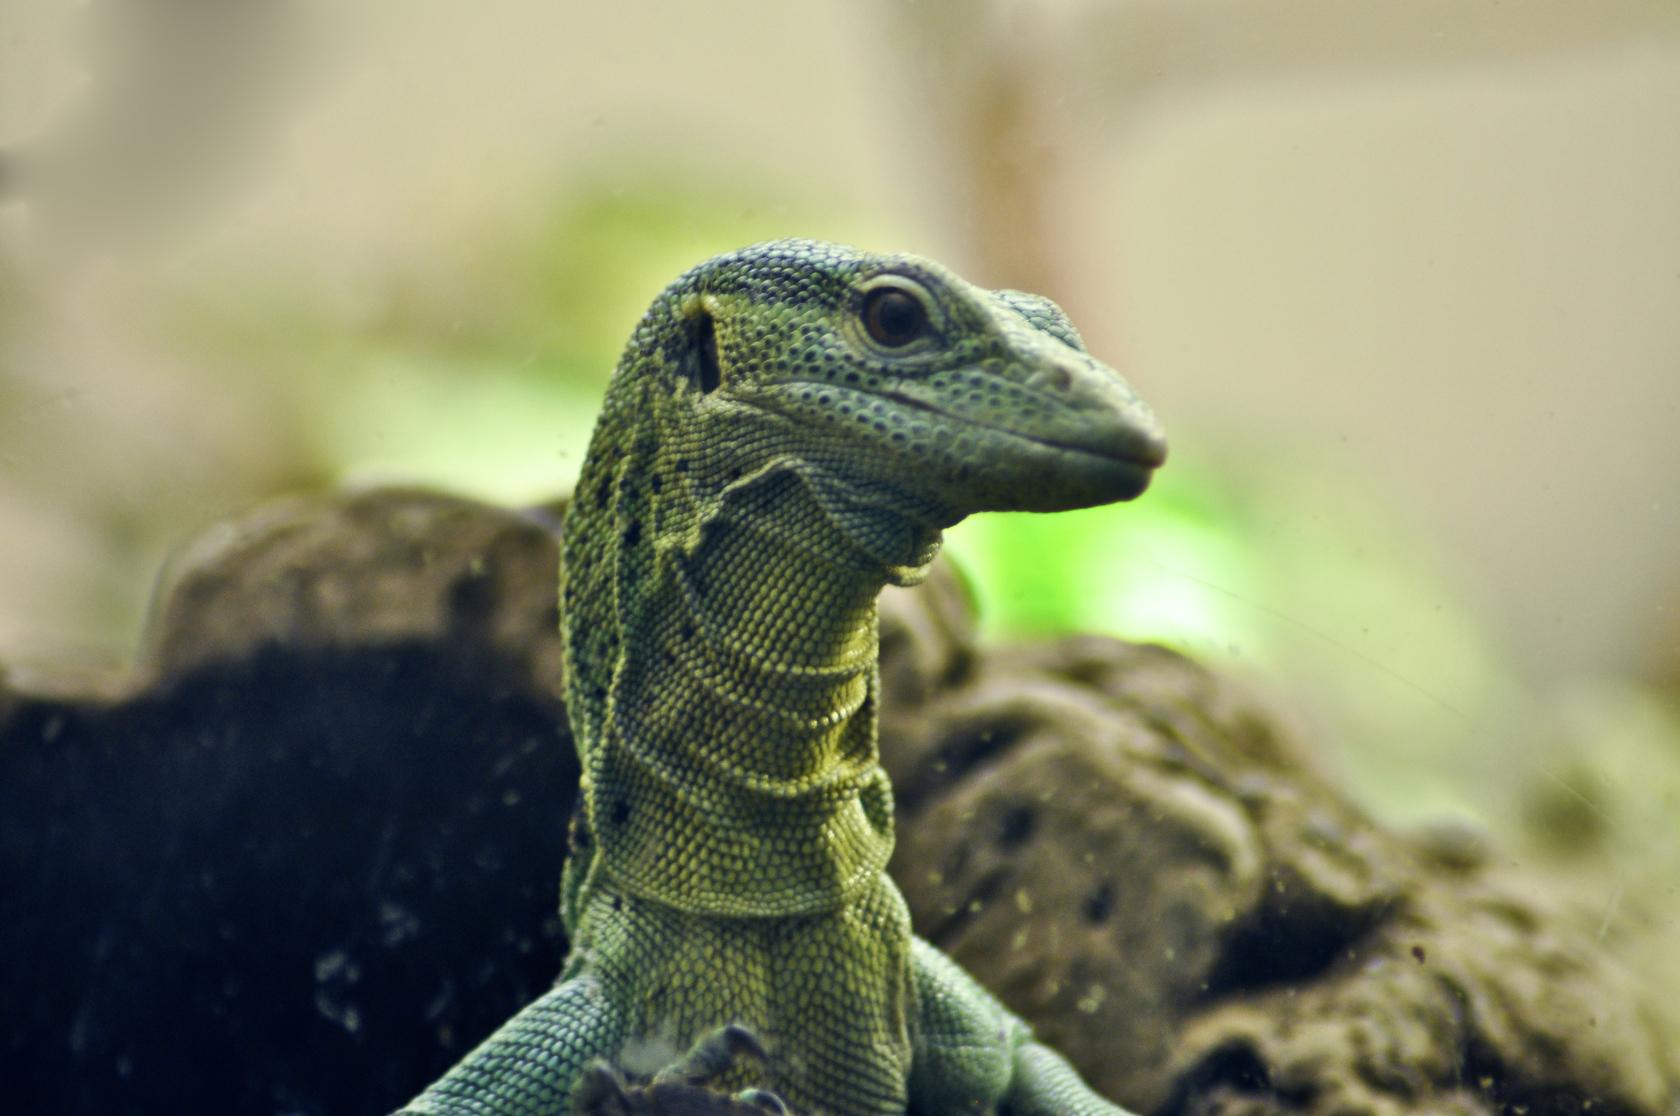 H D Reptiles Reptile HD Wallpaper -...